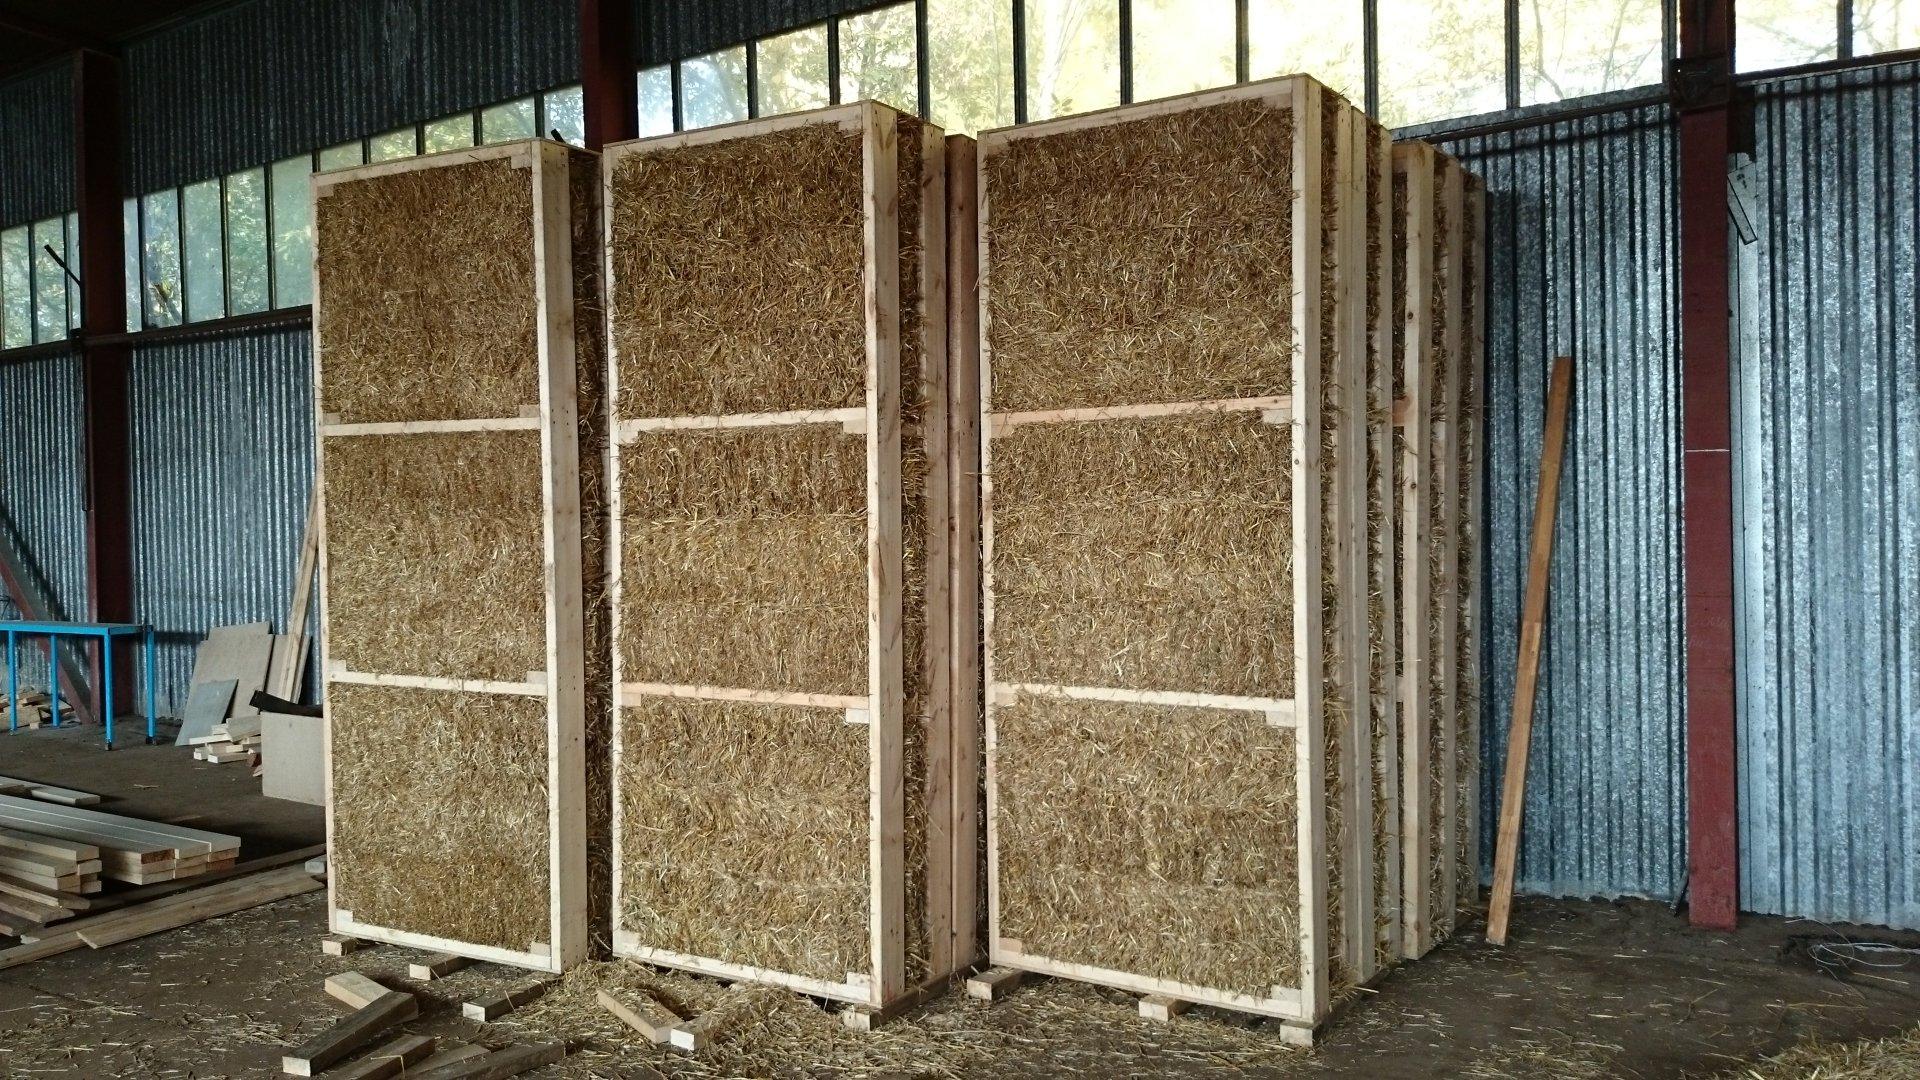 Прессованные панели или блоки из соломы – недорогой и экологичный вариант обшивки